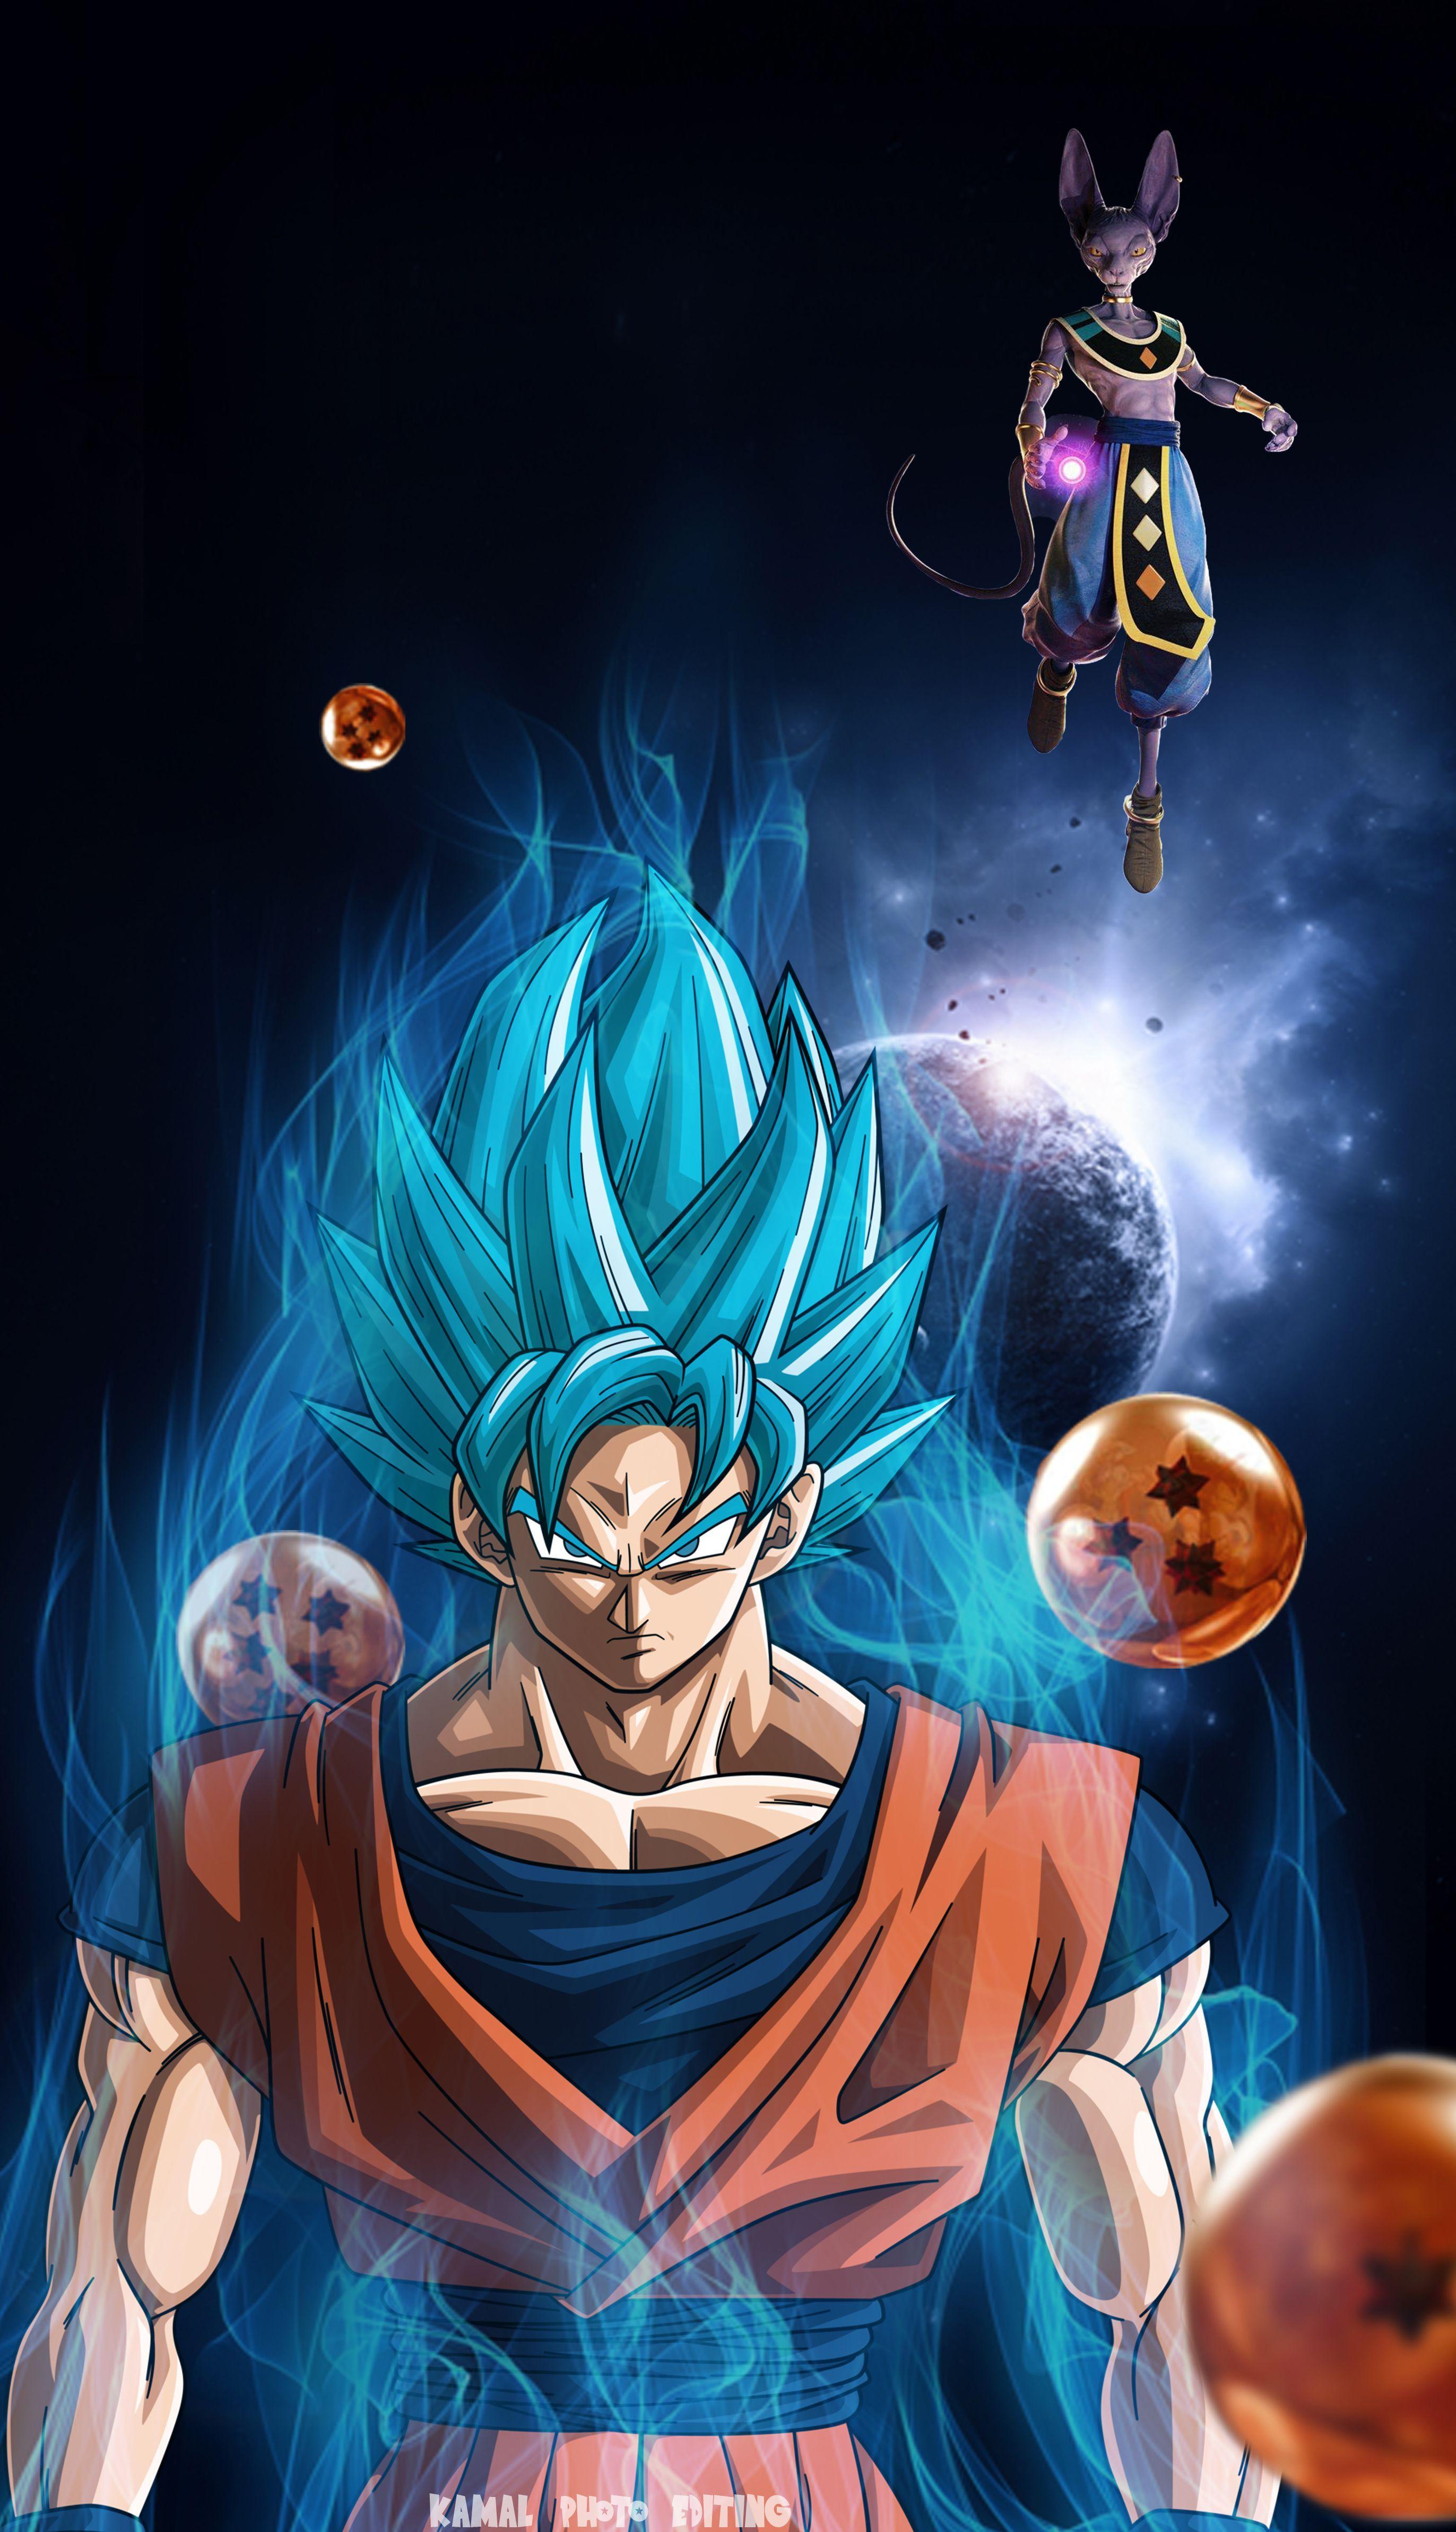 Goku Dragon Ball Super Wallpapers Top Free Goku Dragon Ball Super